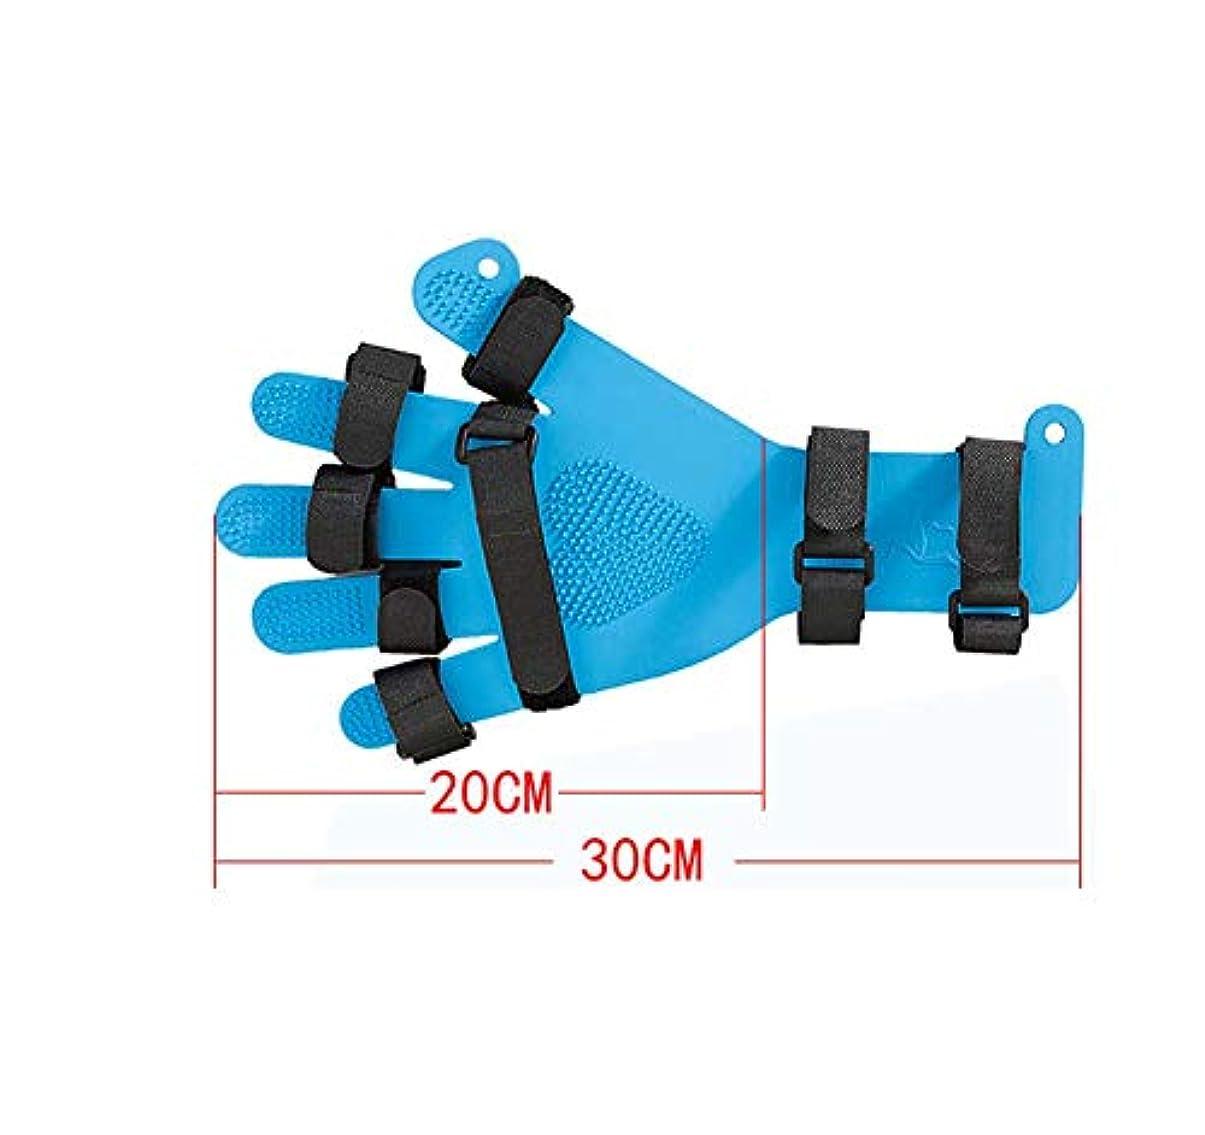 ネックレット適応的サイレン脳卒中HemiplegiaSpasmストローク神経障害Finge左右の区切りインソール-Adjustable指拡張ボードを指